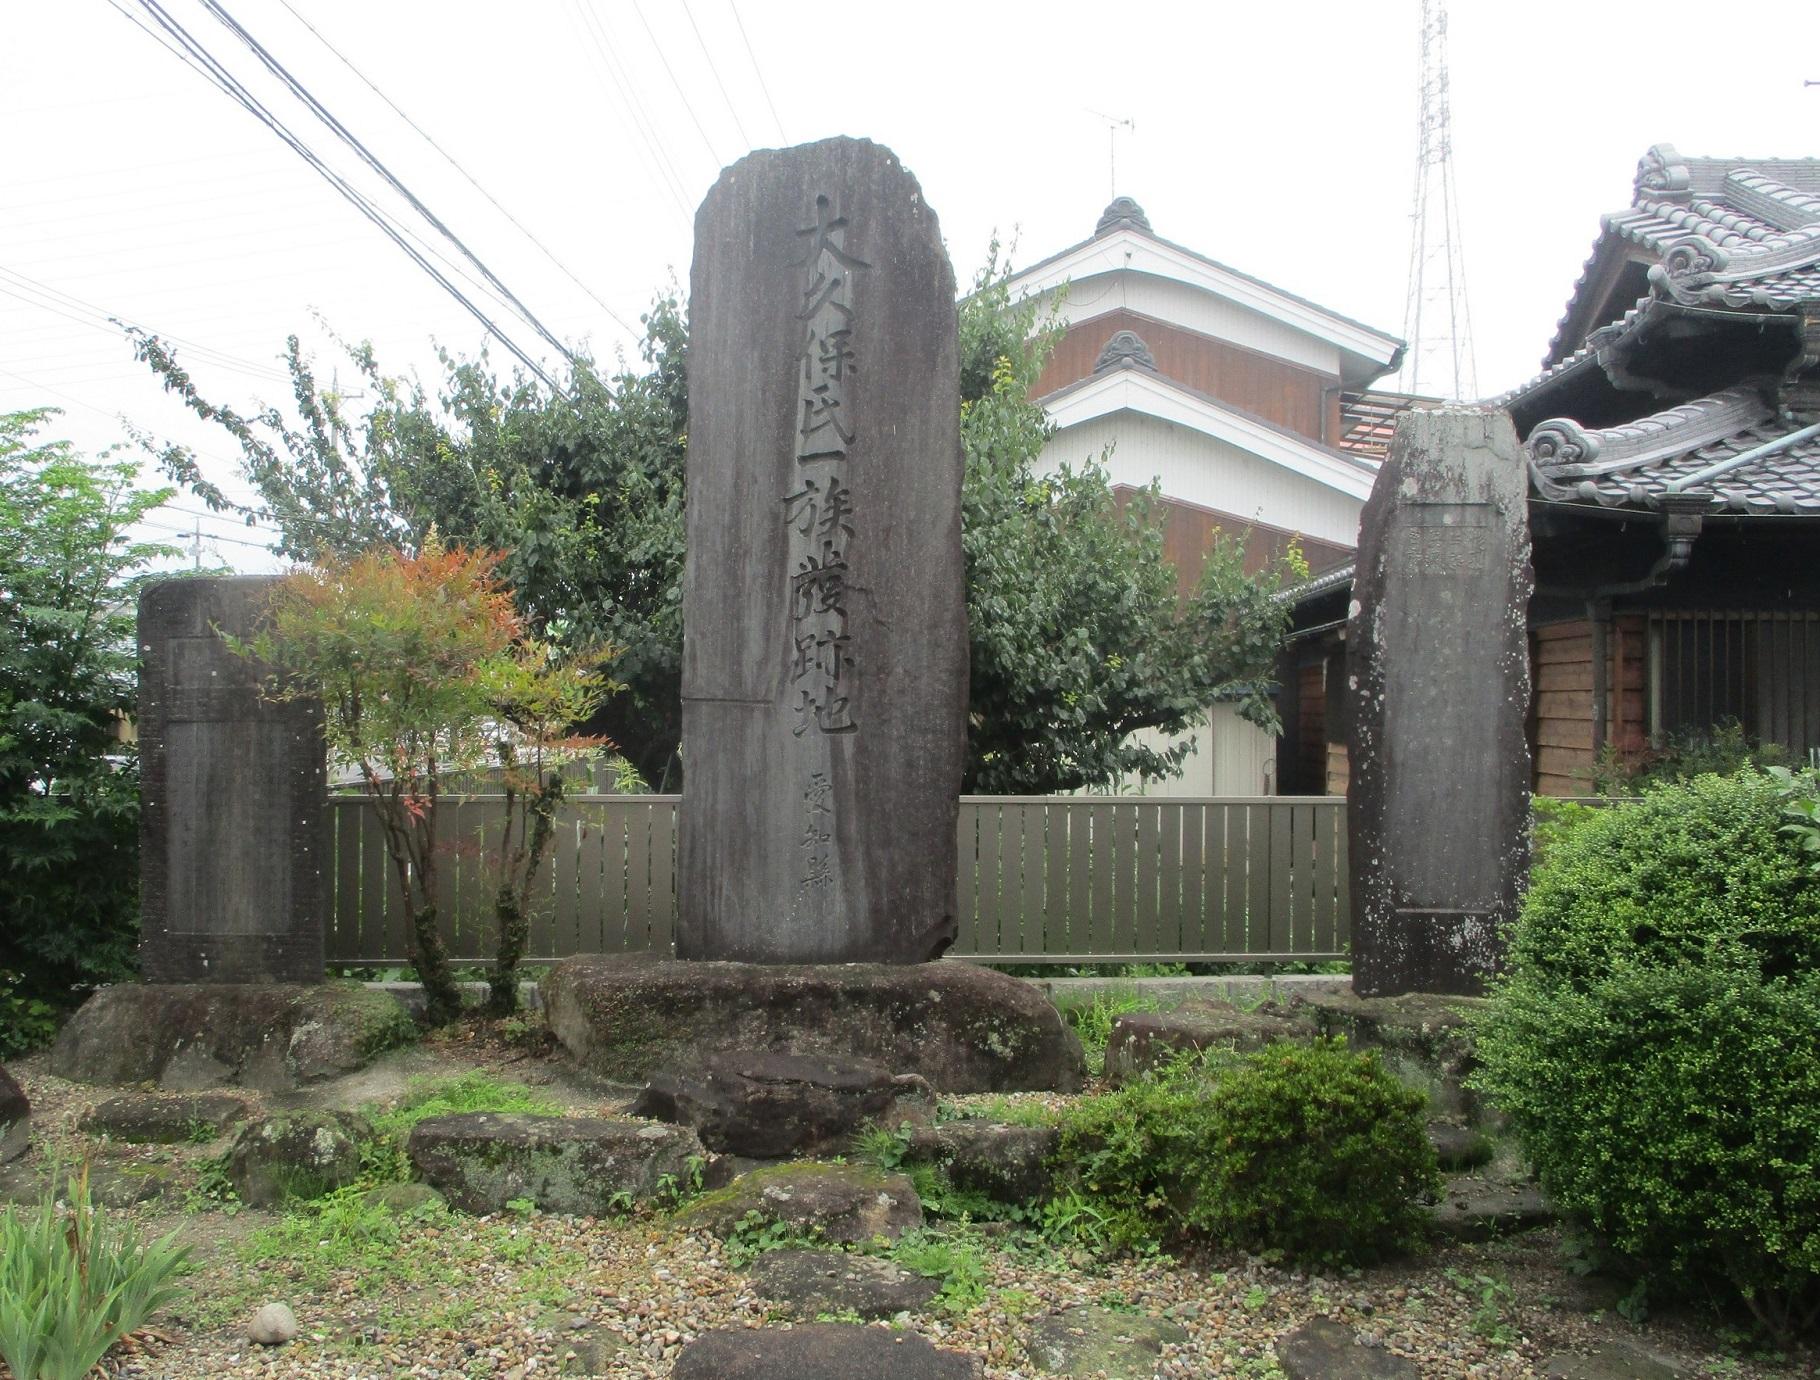 2020.6.22 (16) 上和田 - 大久保氏一族発跡地のいしぶみ 1820-1380